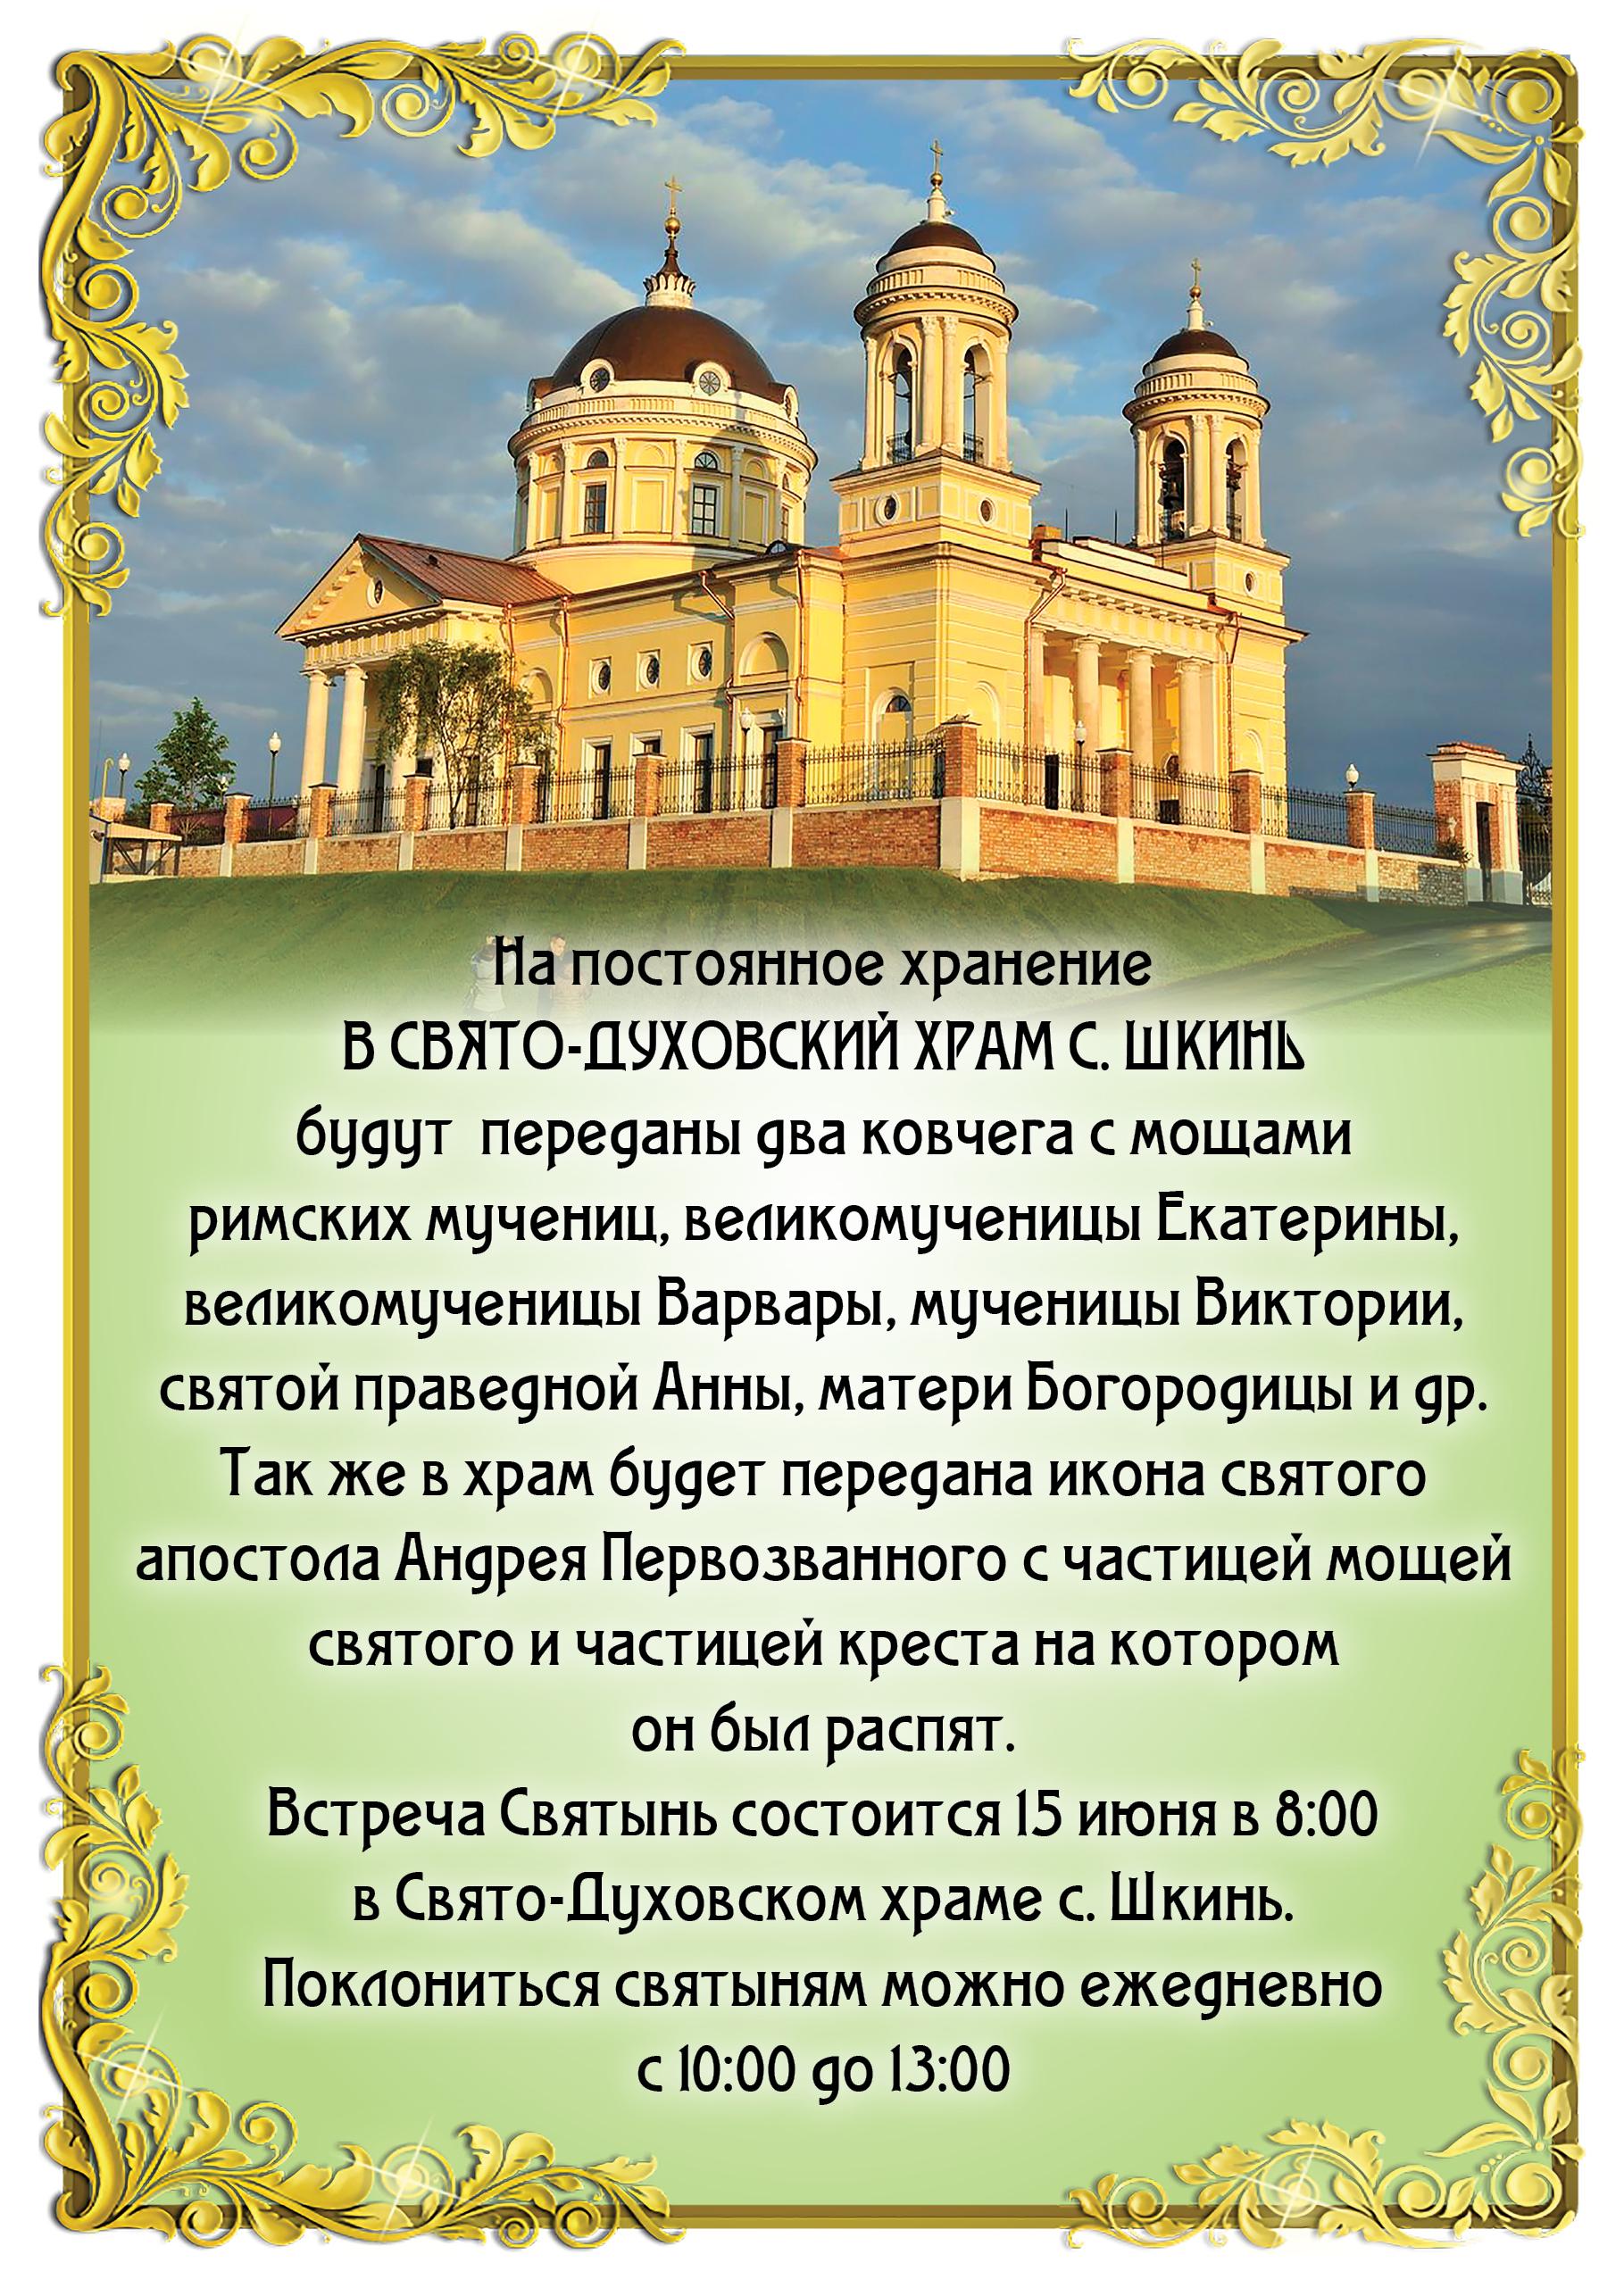 Встреча святынь в Свято-Духовском храме